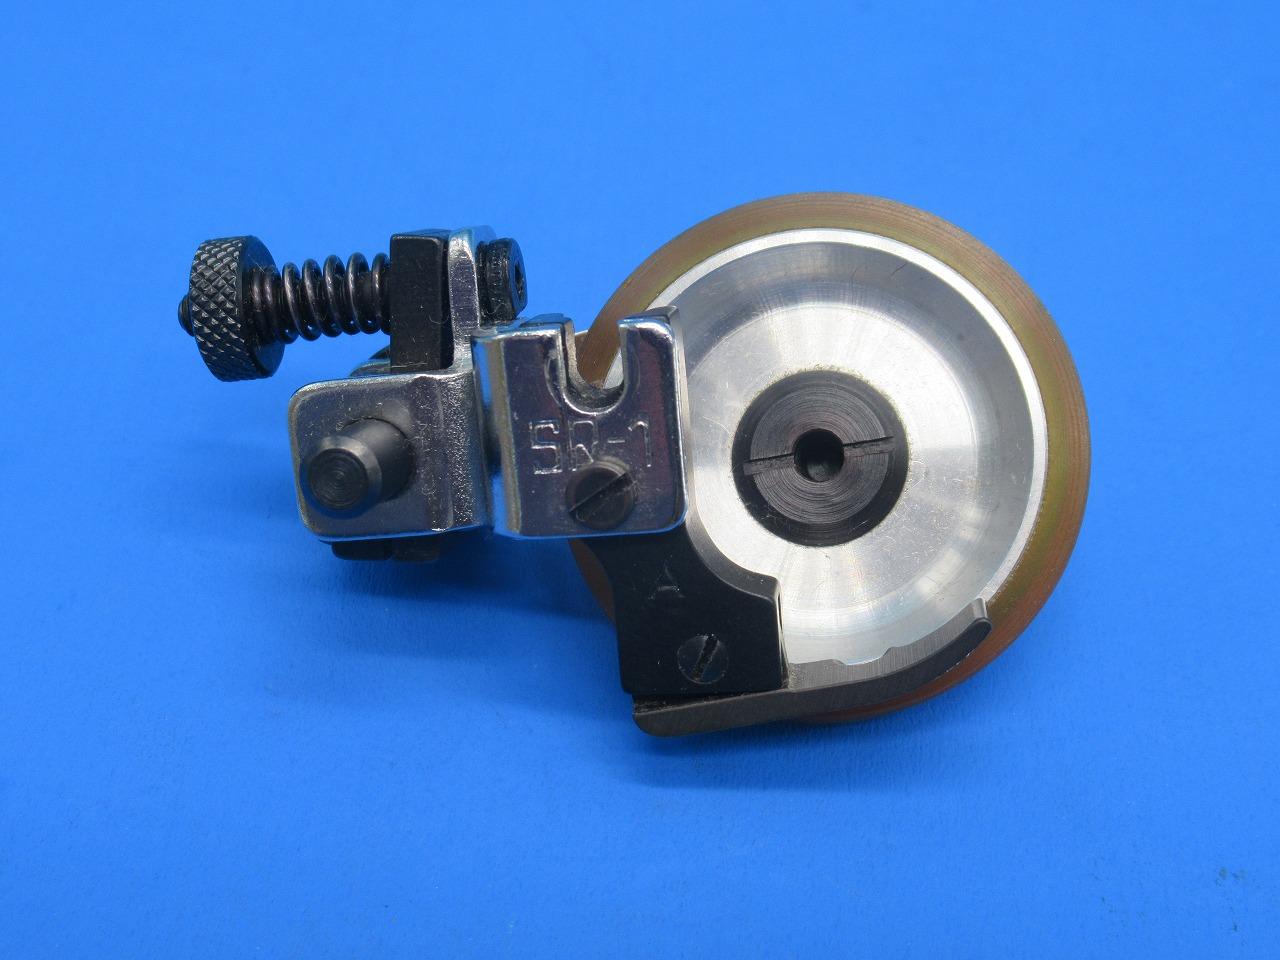 本物 一般本縫いミシン用 新品 NEW ARRIVAL 嶋田機器工業株式会社 SR-1 型式 S.M.K.のサイドローラー押え